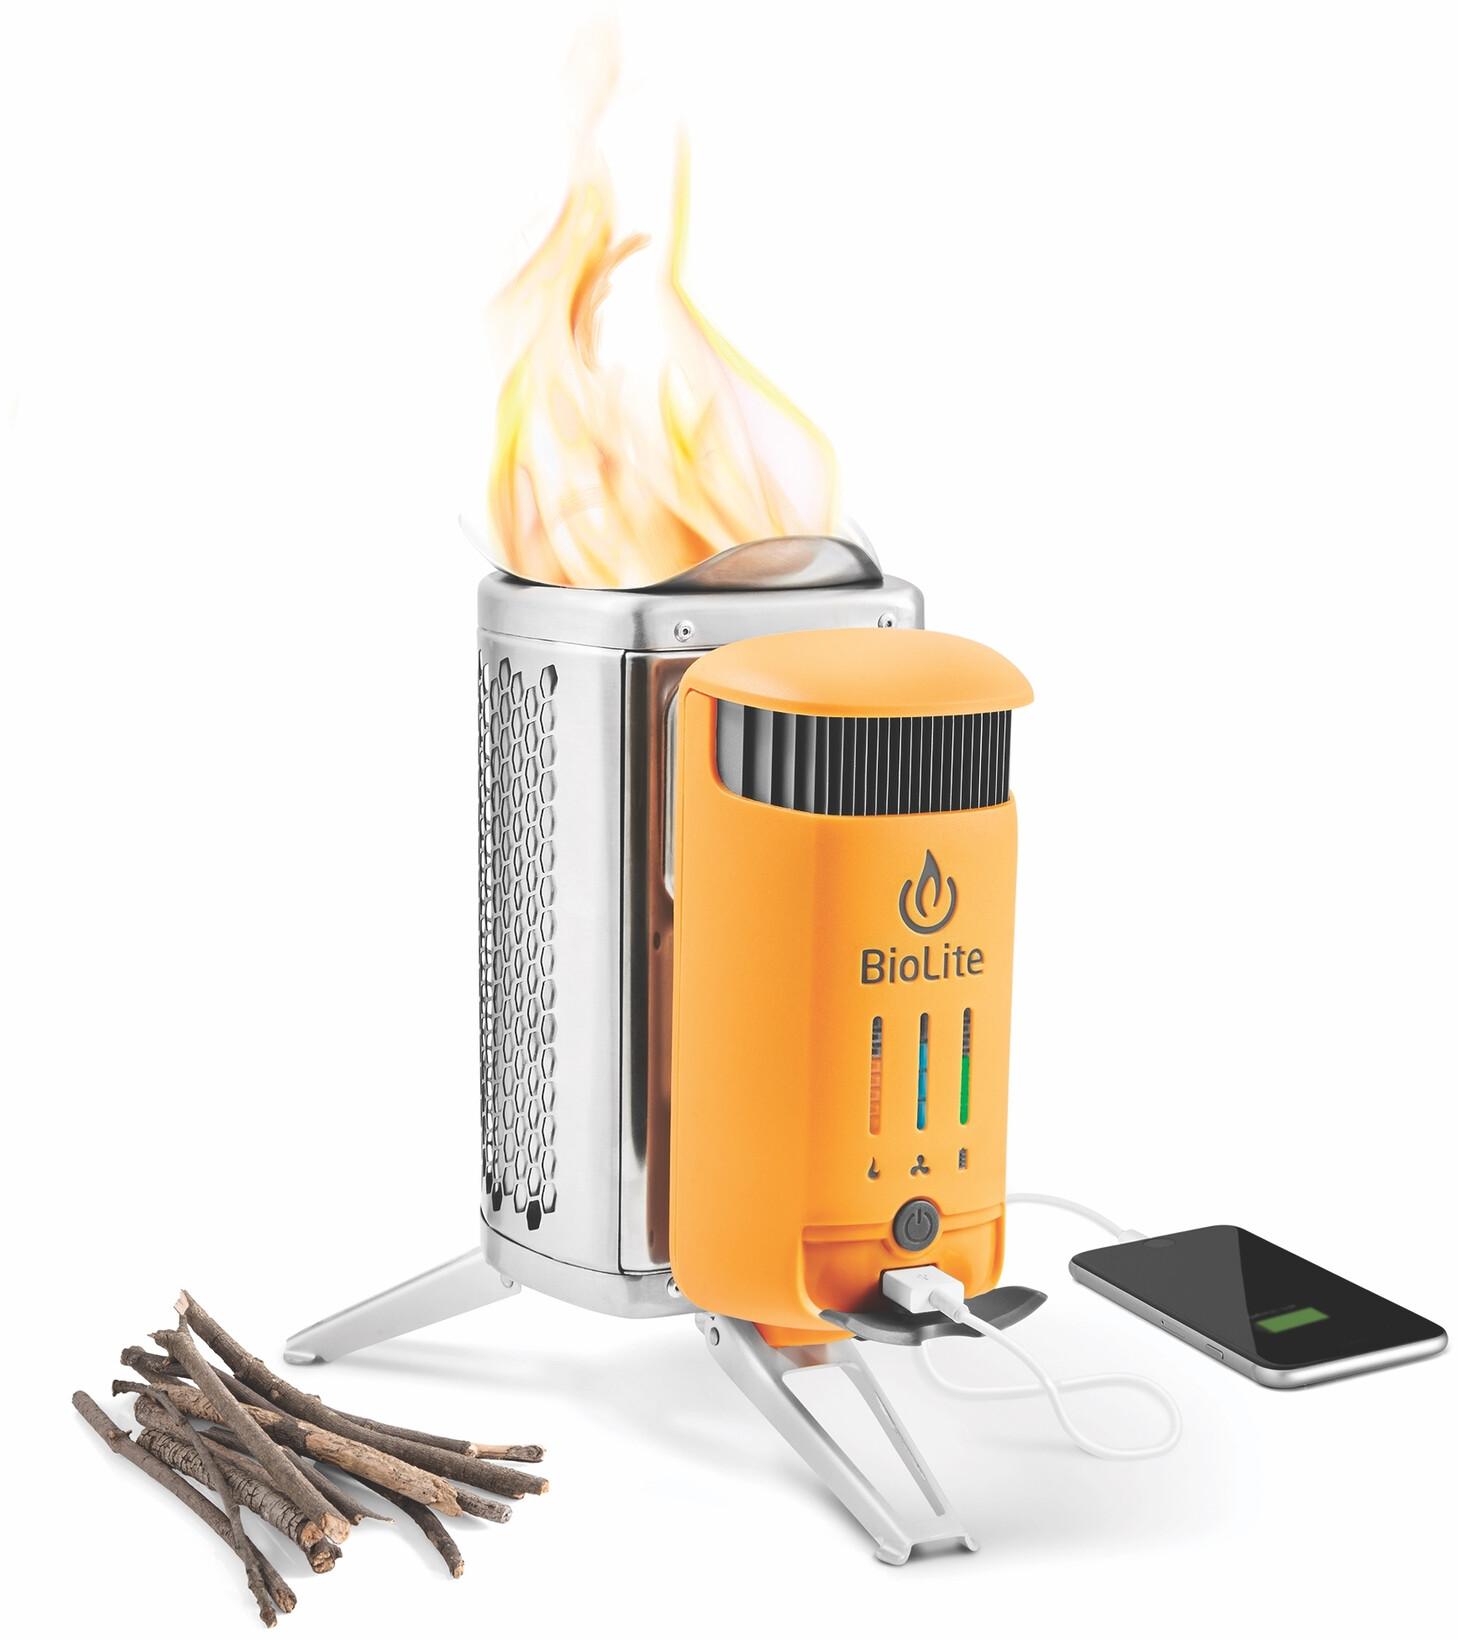 BioLite CampStove 2 Campingkoger (2019) | Computer Battery and Charger